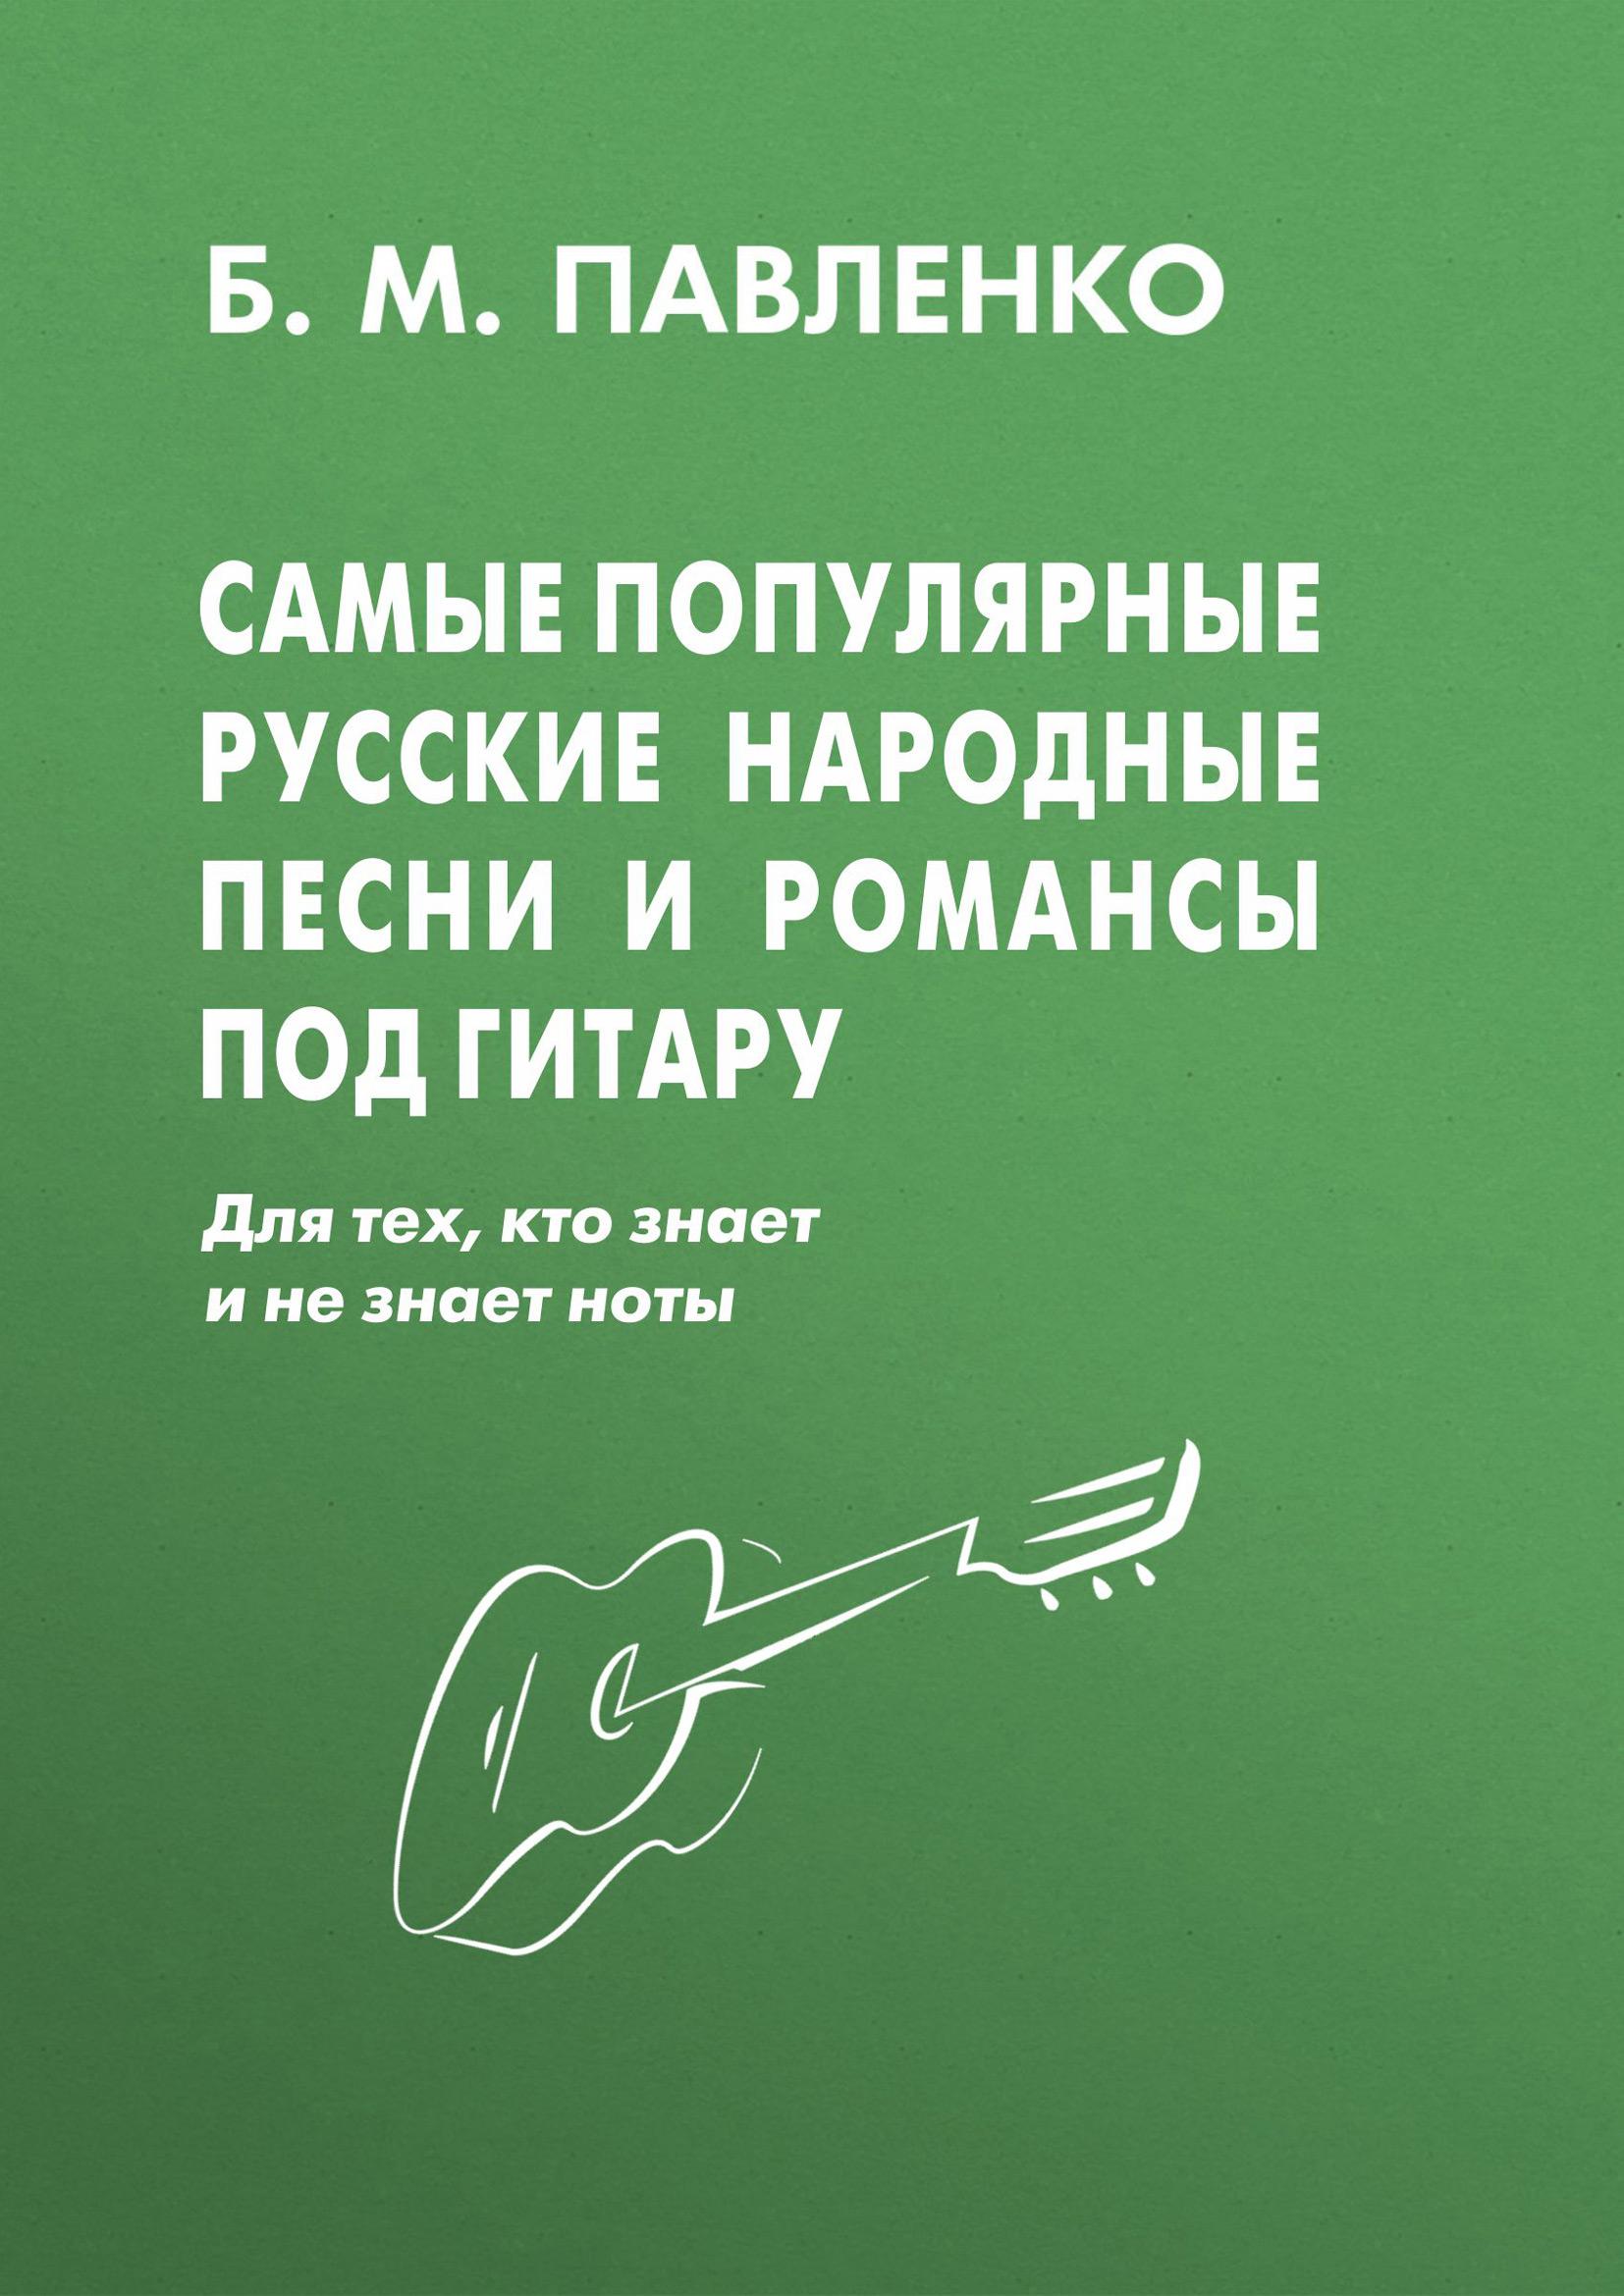 Б. М. Павленко Самые популярные русские народные песни и романсы под гитару б м павленко суперхиты под гитару для тех кто знает и не знает ноты учебно методическое пособие